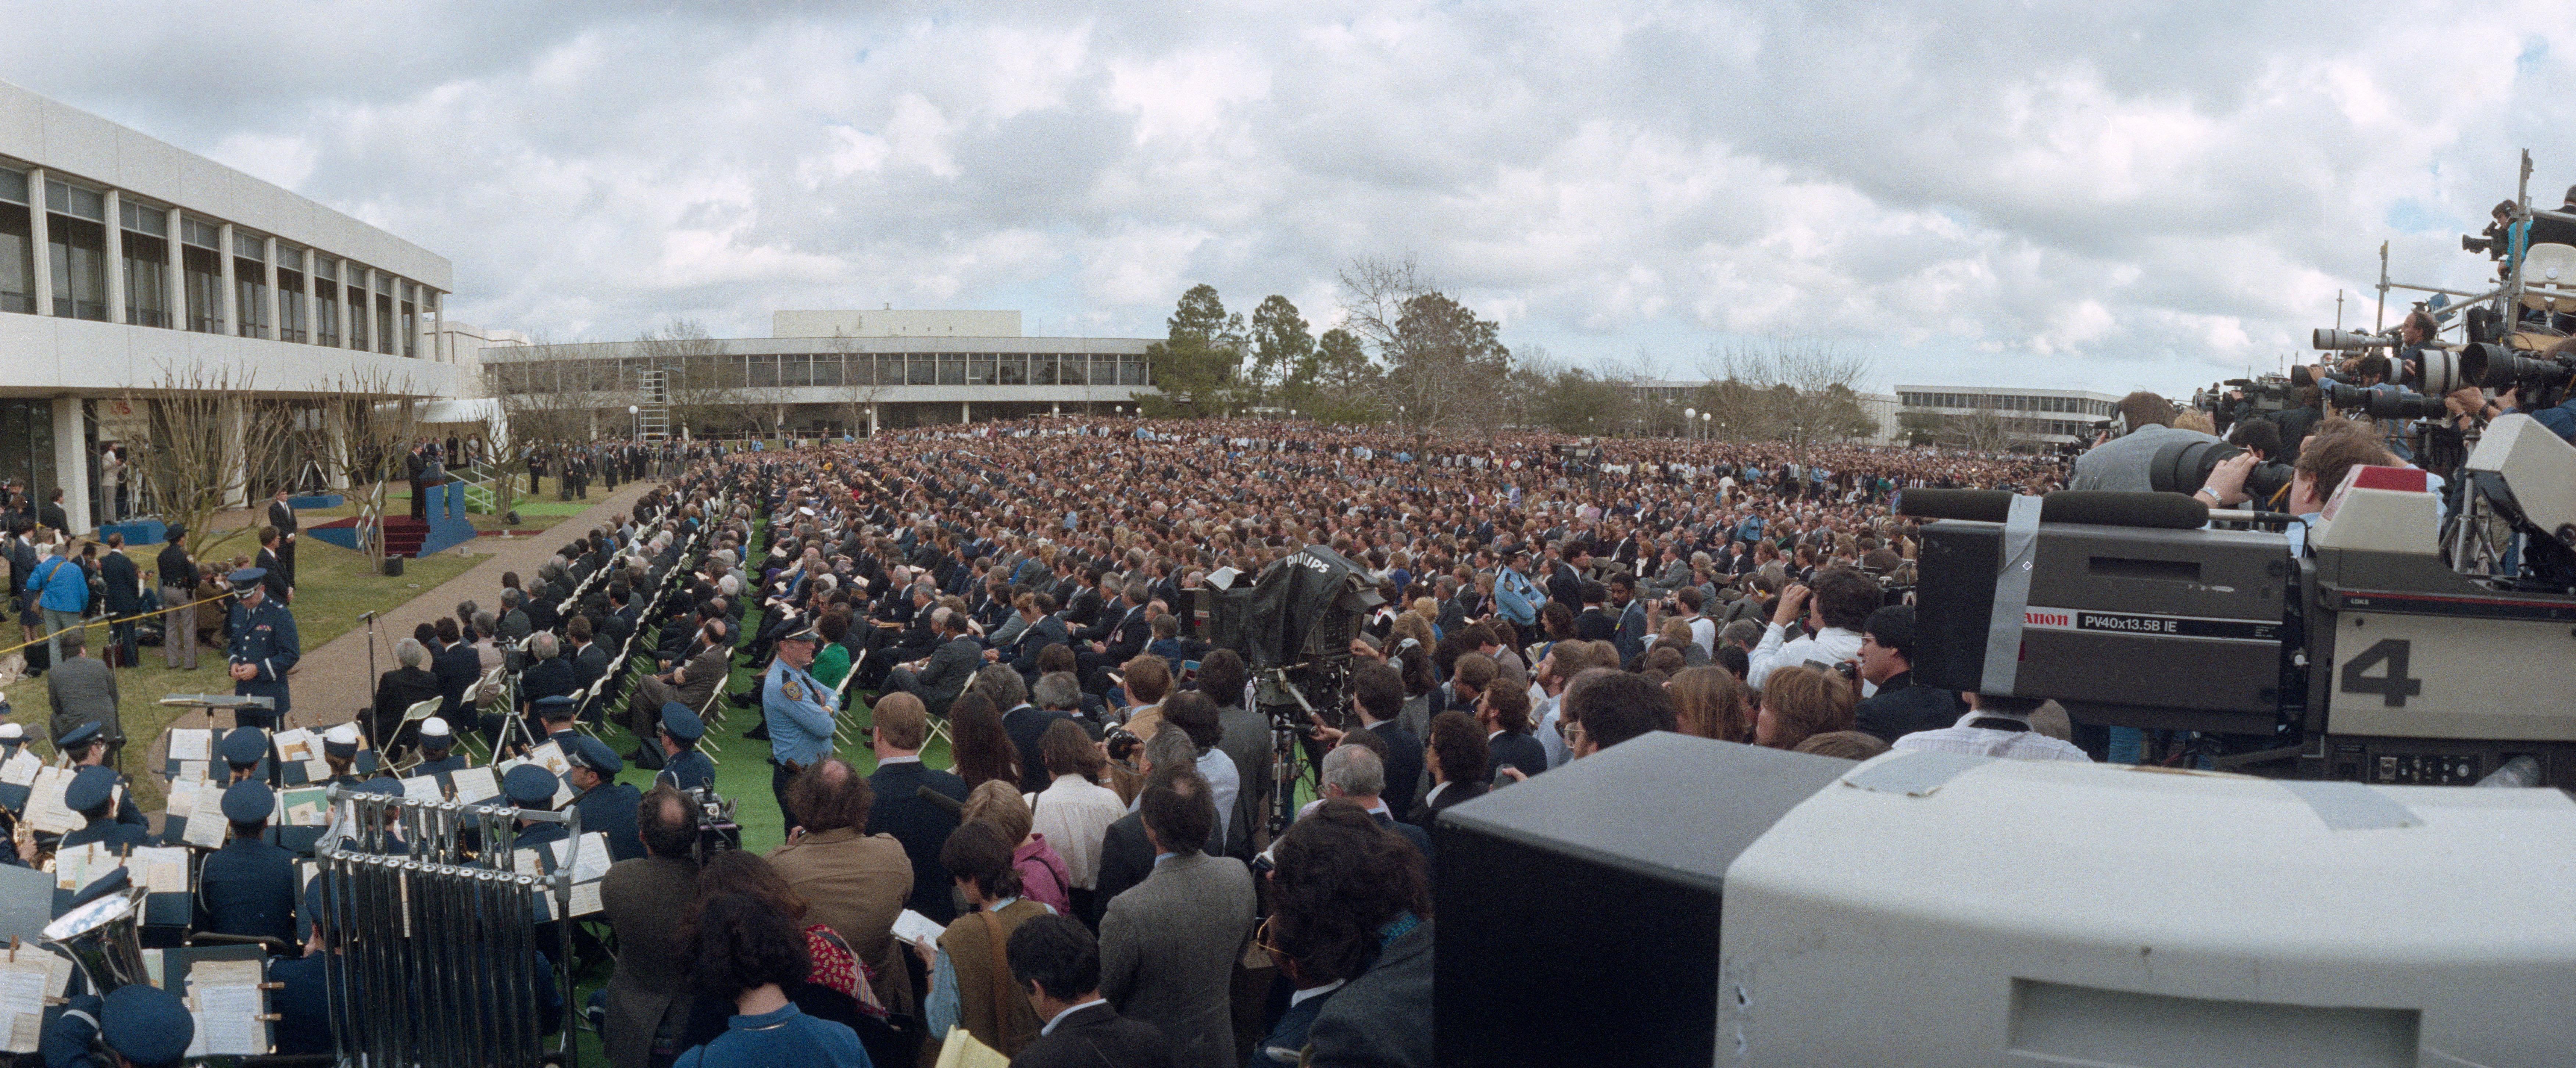 nasa crowds - 1000×415